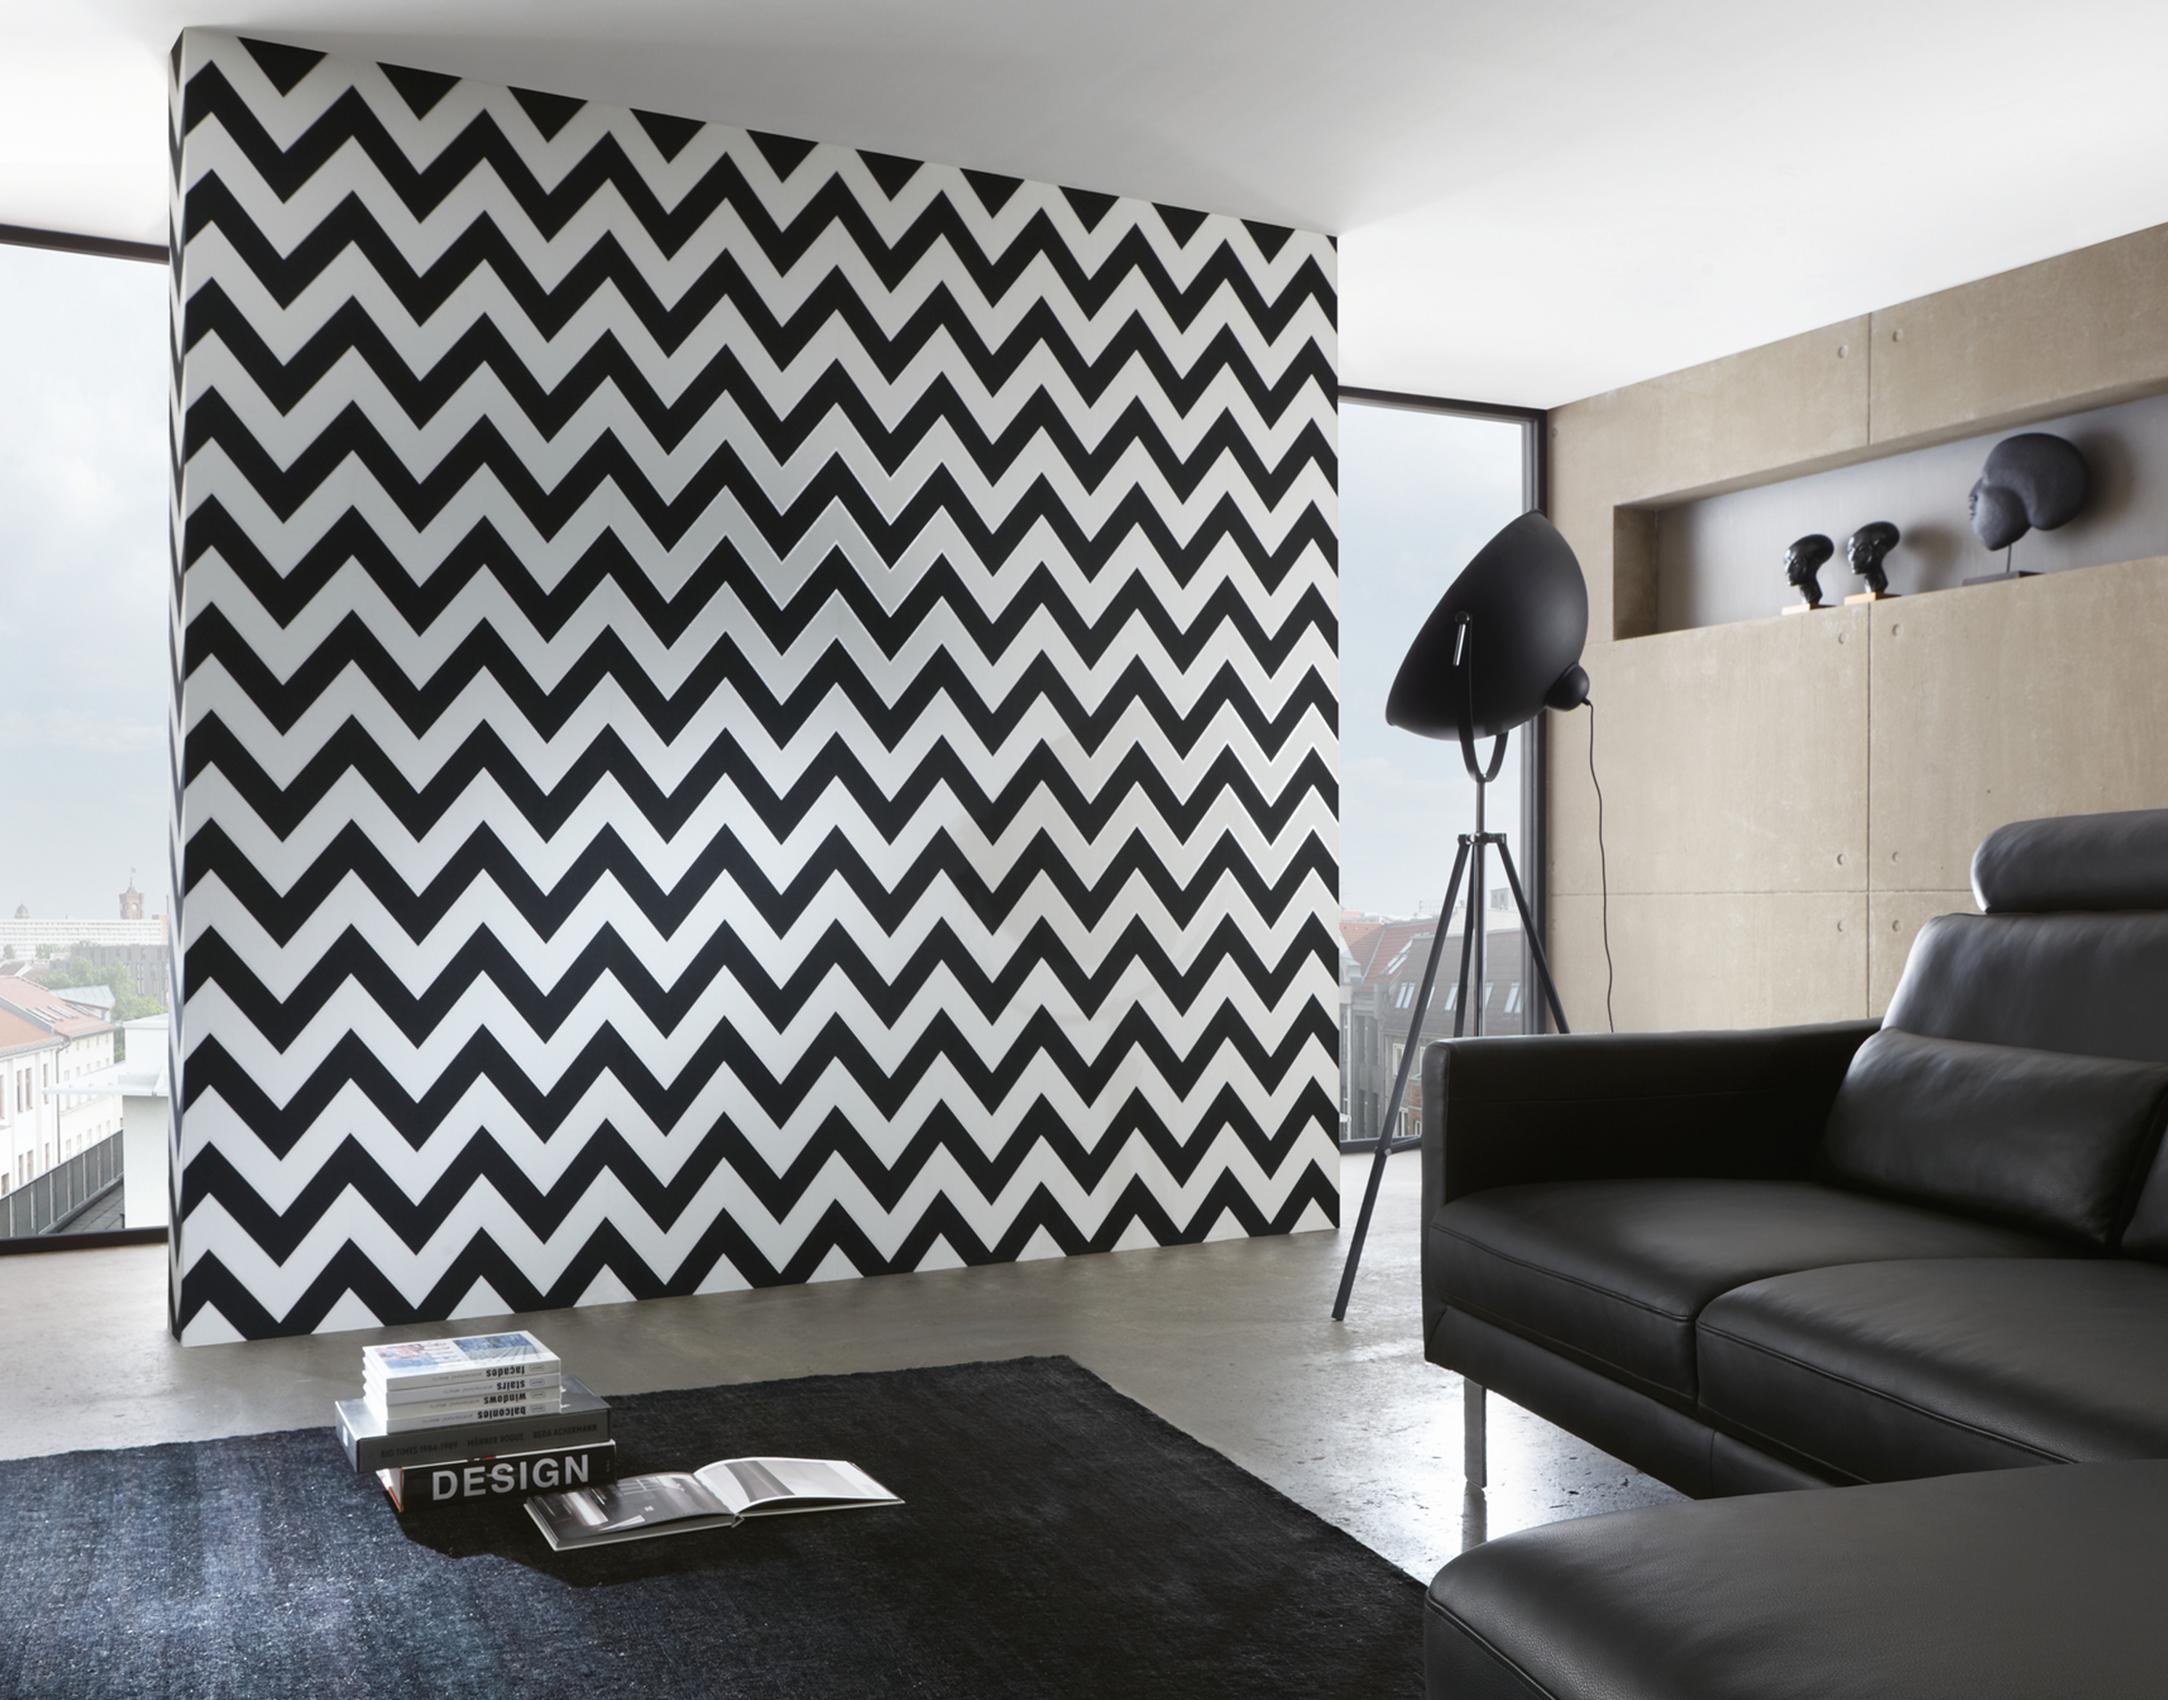 Wohnzimmer im monochromen Stil mit Schwarz-Weiß Tapete von Michalsky, Artikel AS939431